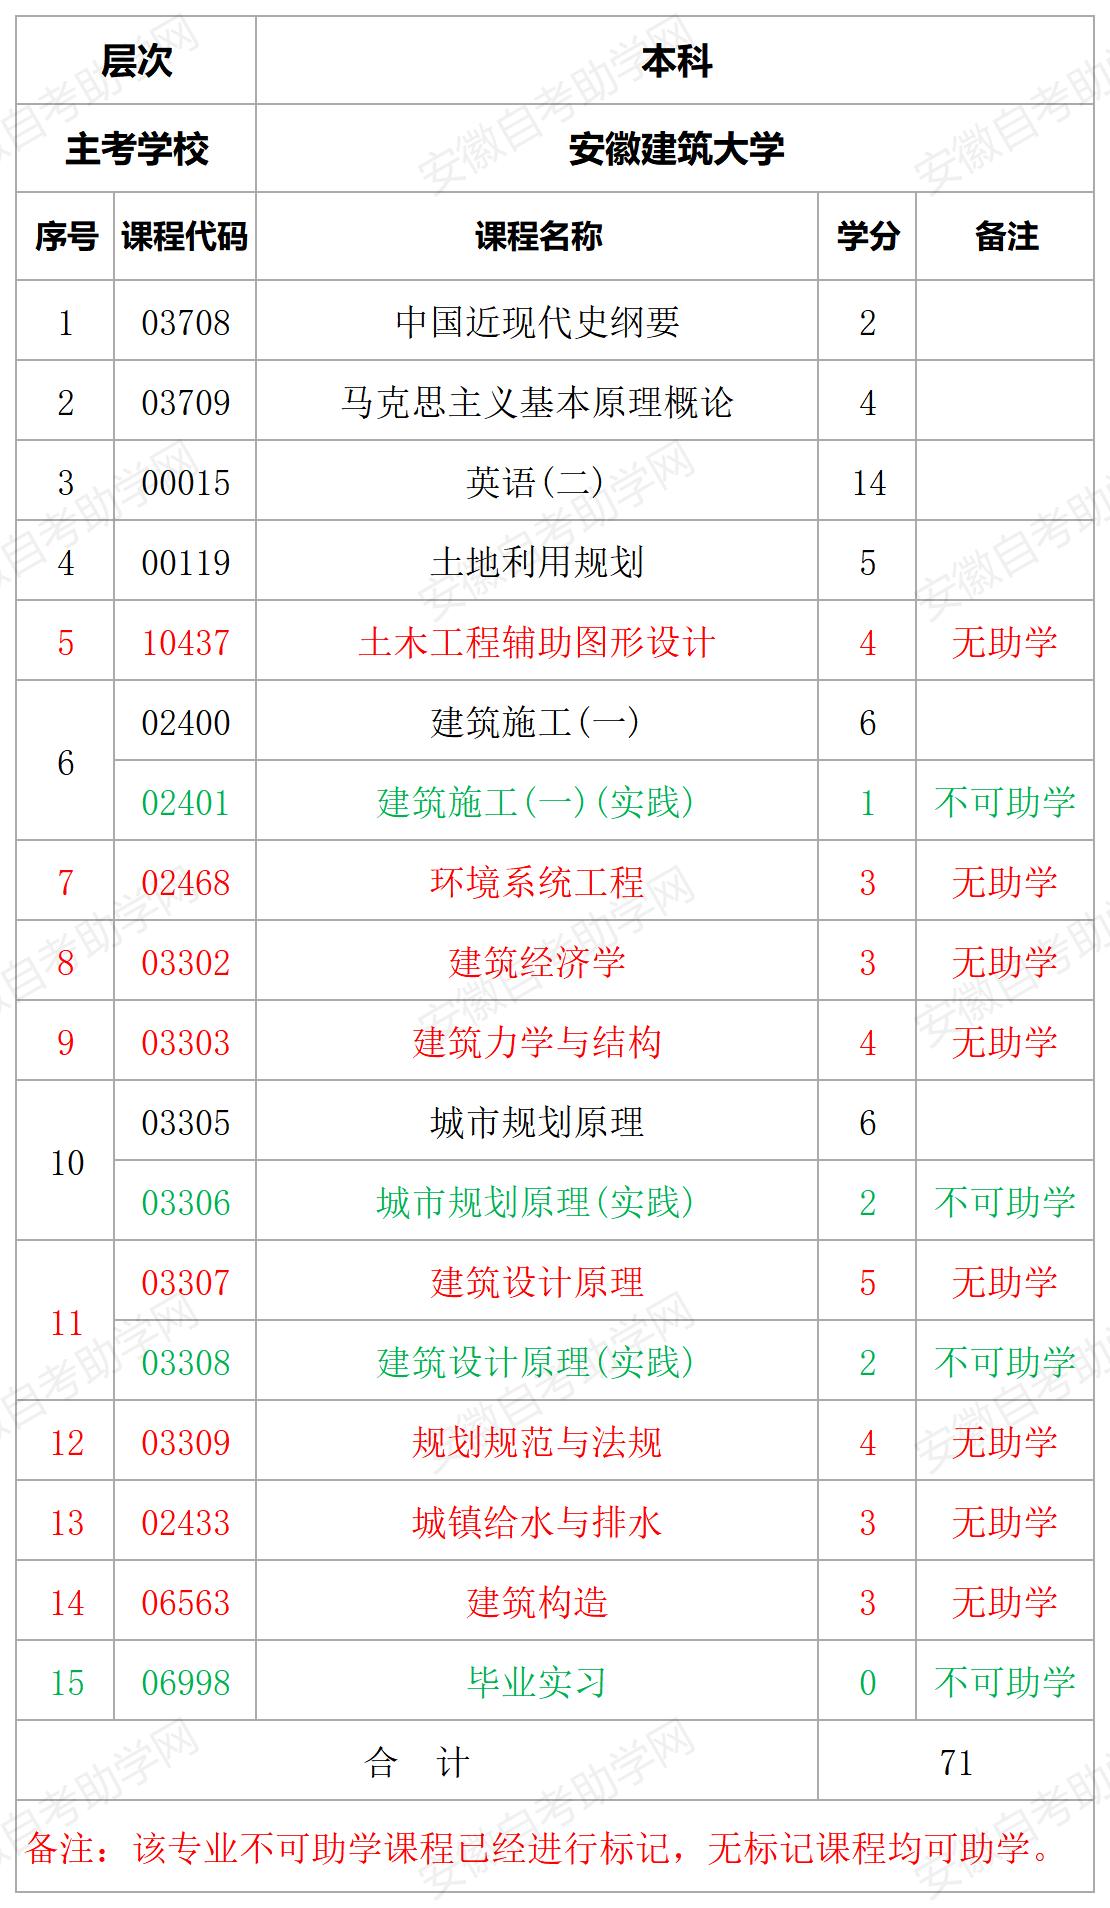 安徽建筑大学城乡规划本科专业课程助学详情表